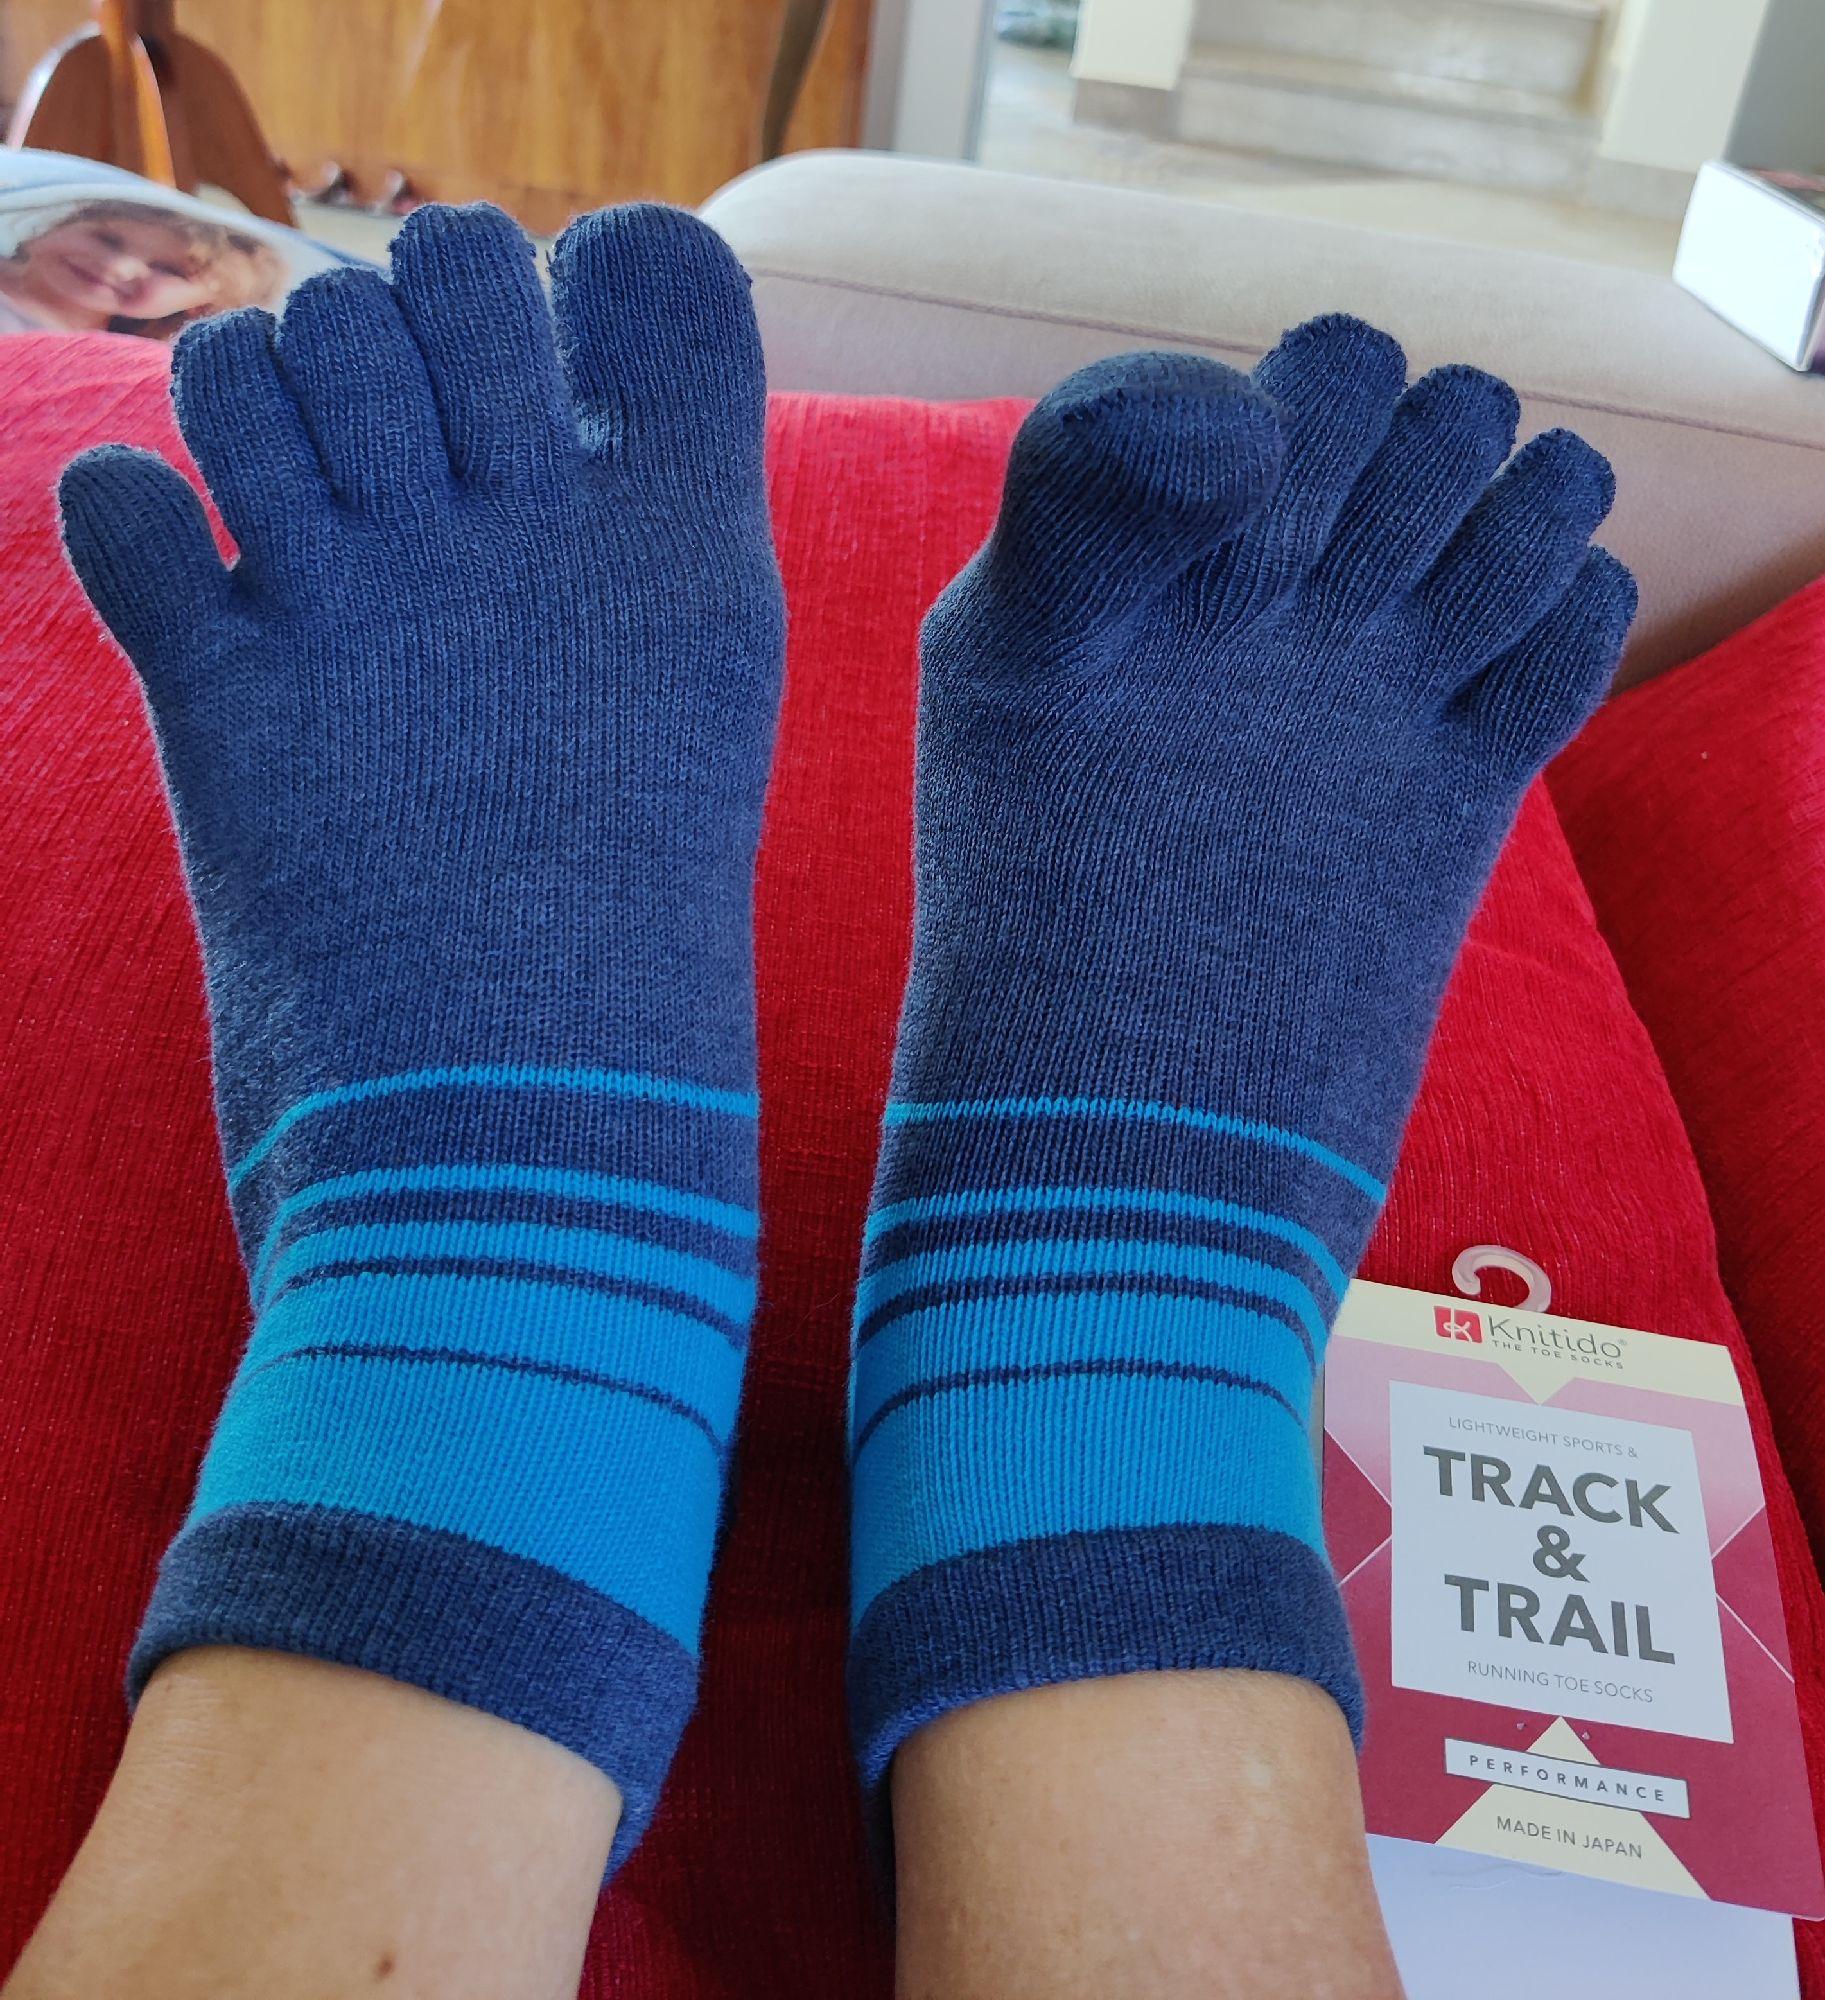 А это мои новые носки. Утомительно надевать, но удобно шевелить пальчиками и бороться с вальгусной деформацией...